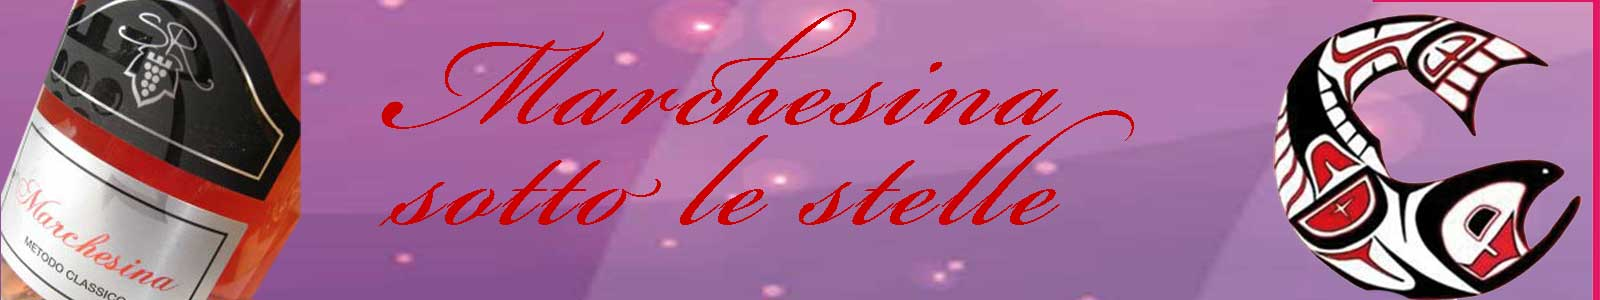 marchesina-2016-slide